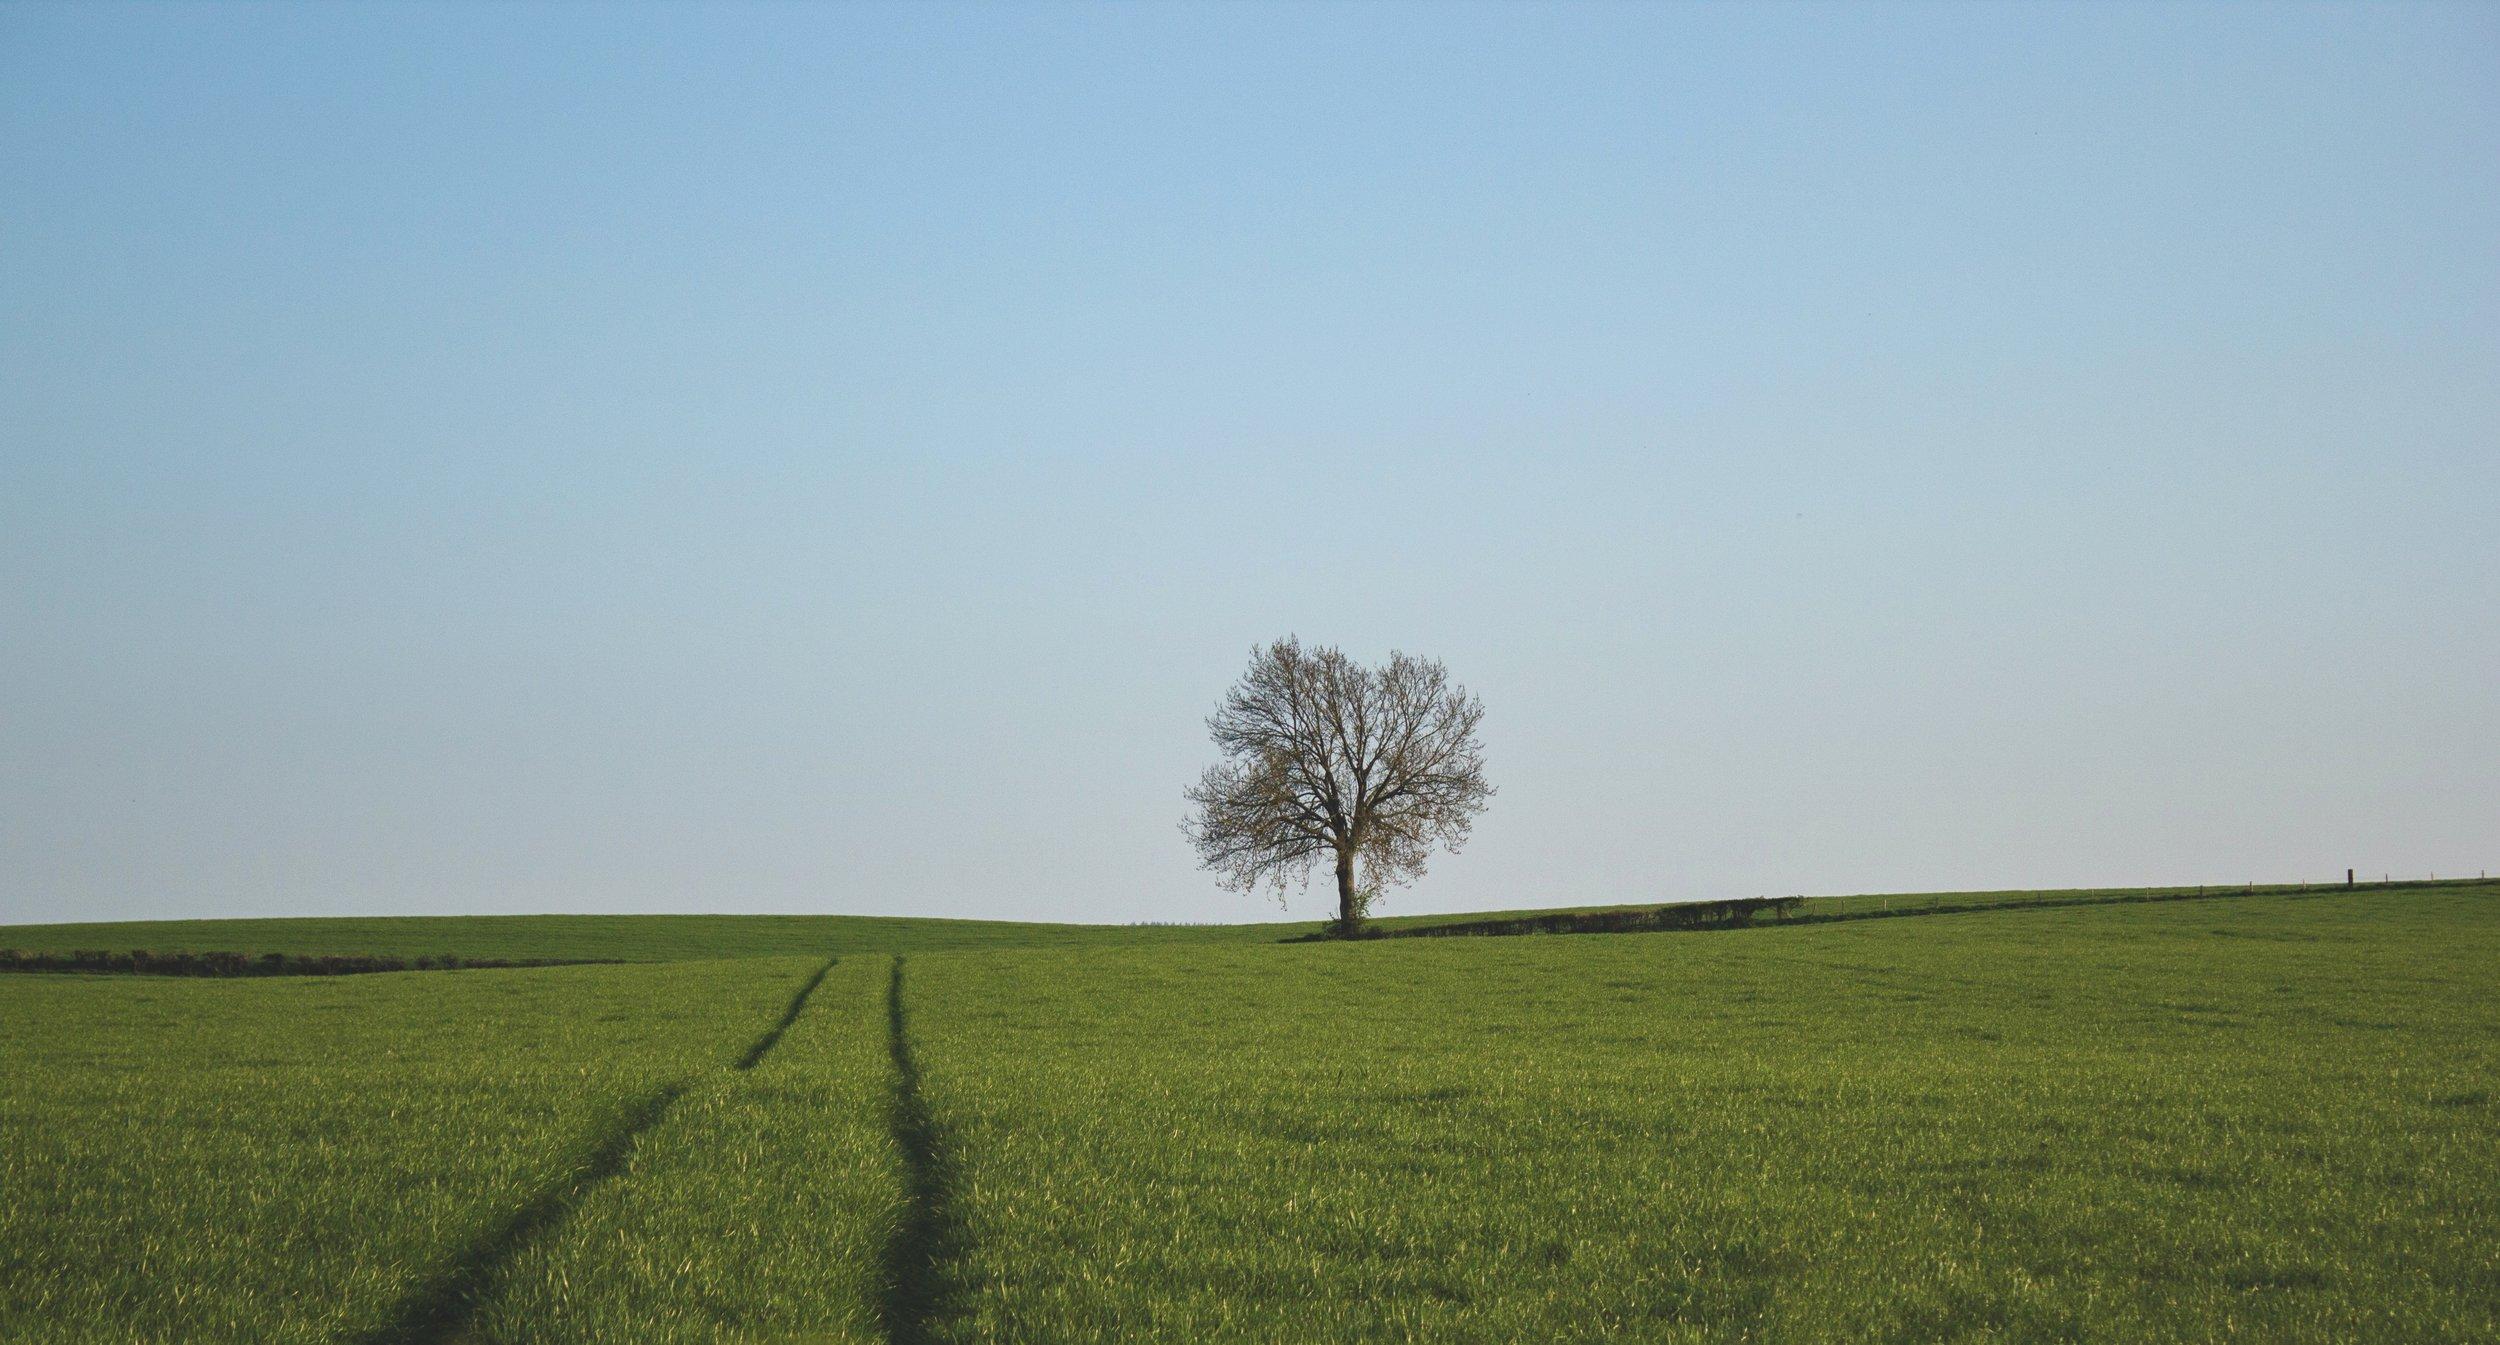 The johnsamuelgray egoless tree.